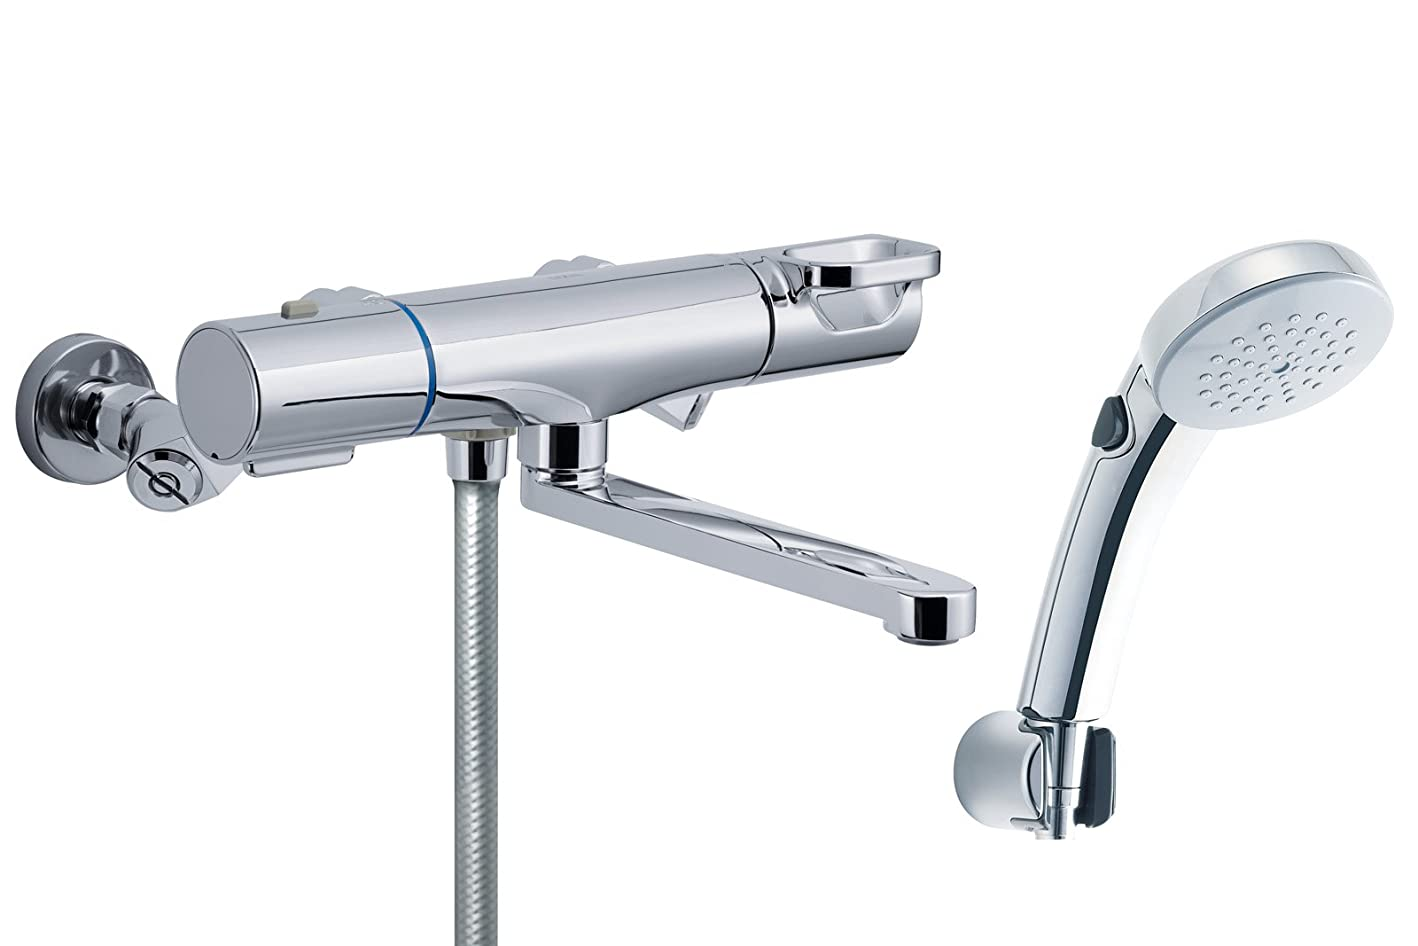 時間資本主義ライトニングLIXIL(リクシル) INAX 浴室用 サーモスタット付シャワーバス水栓 エコフルシャワー メッキヘッド スイッチ機能付 簡単取付脚タイプ RBF-814ZW